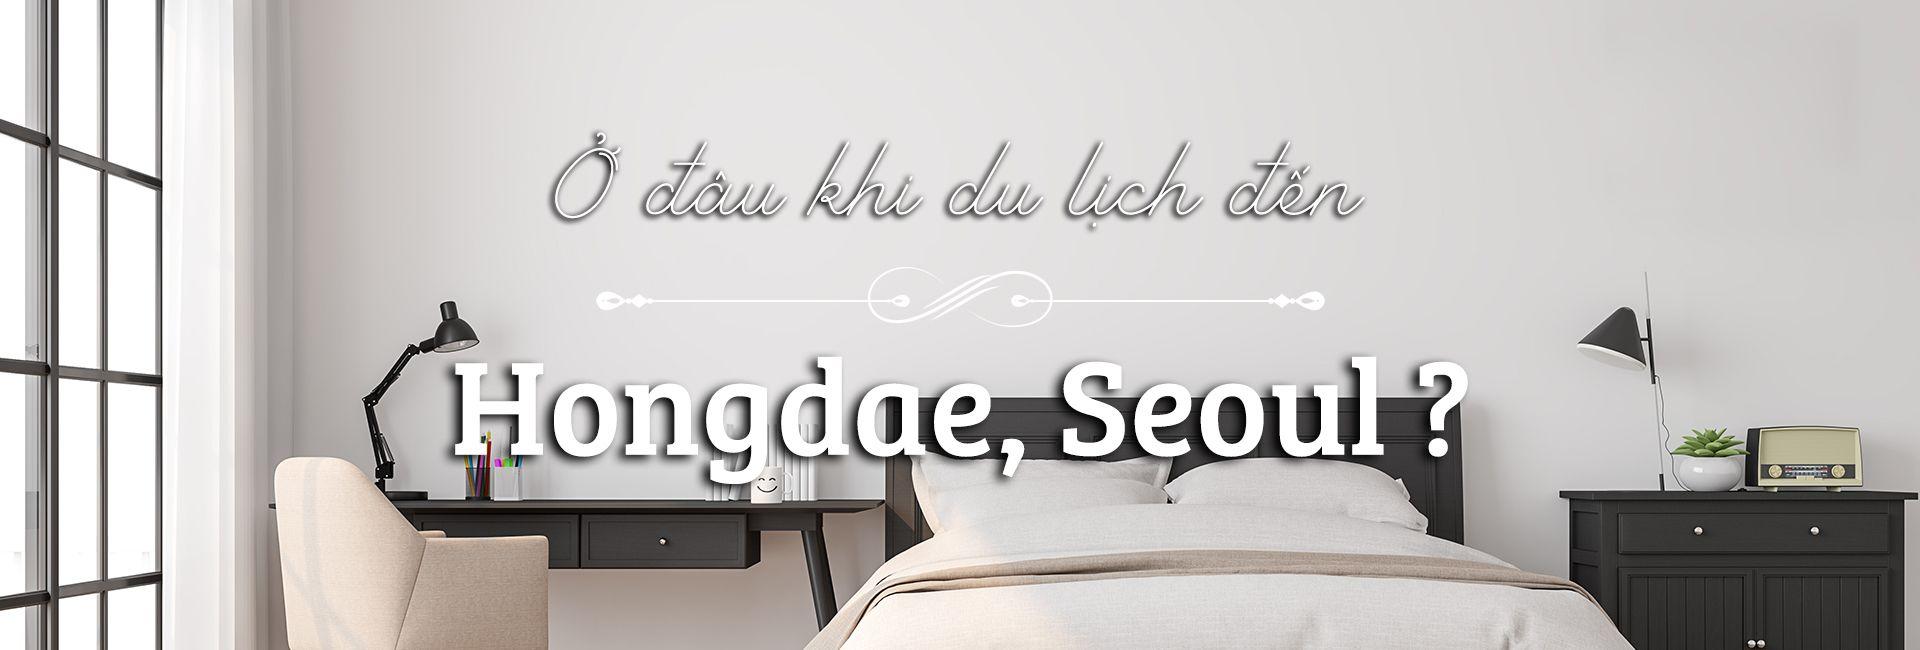 Ở đâu khi du lịch Hongdae, Seoul?